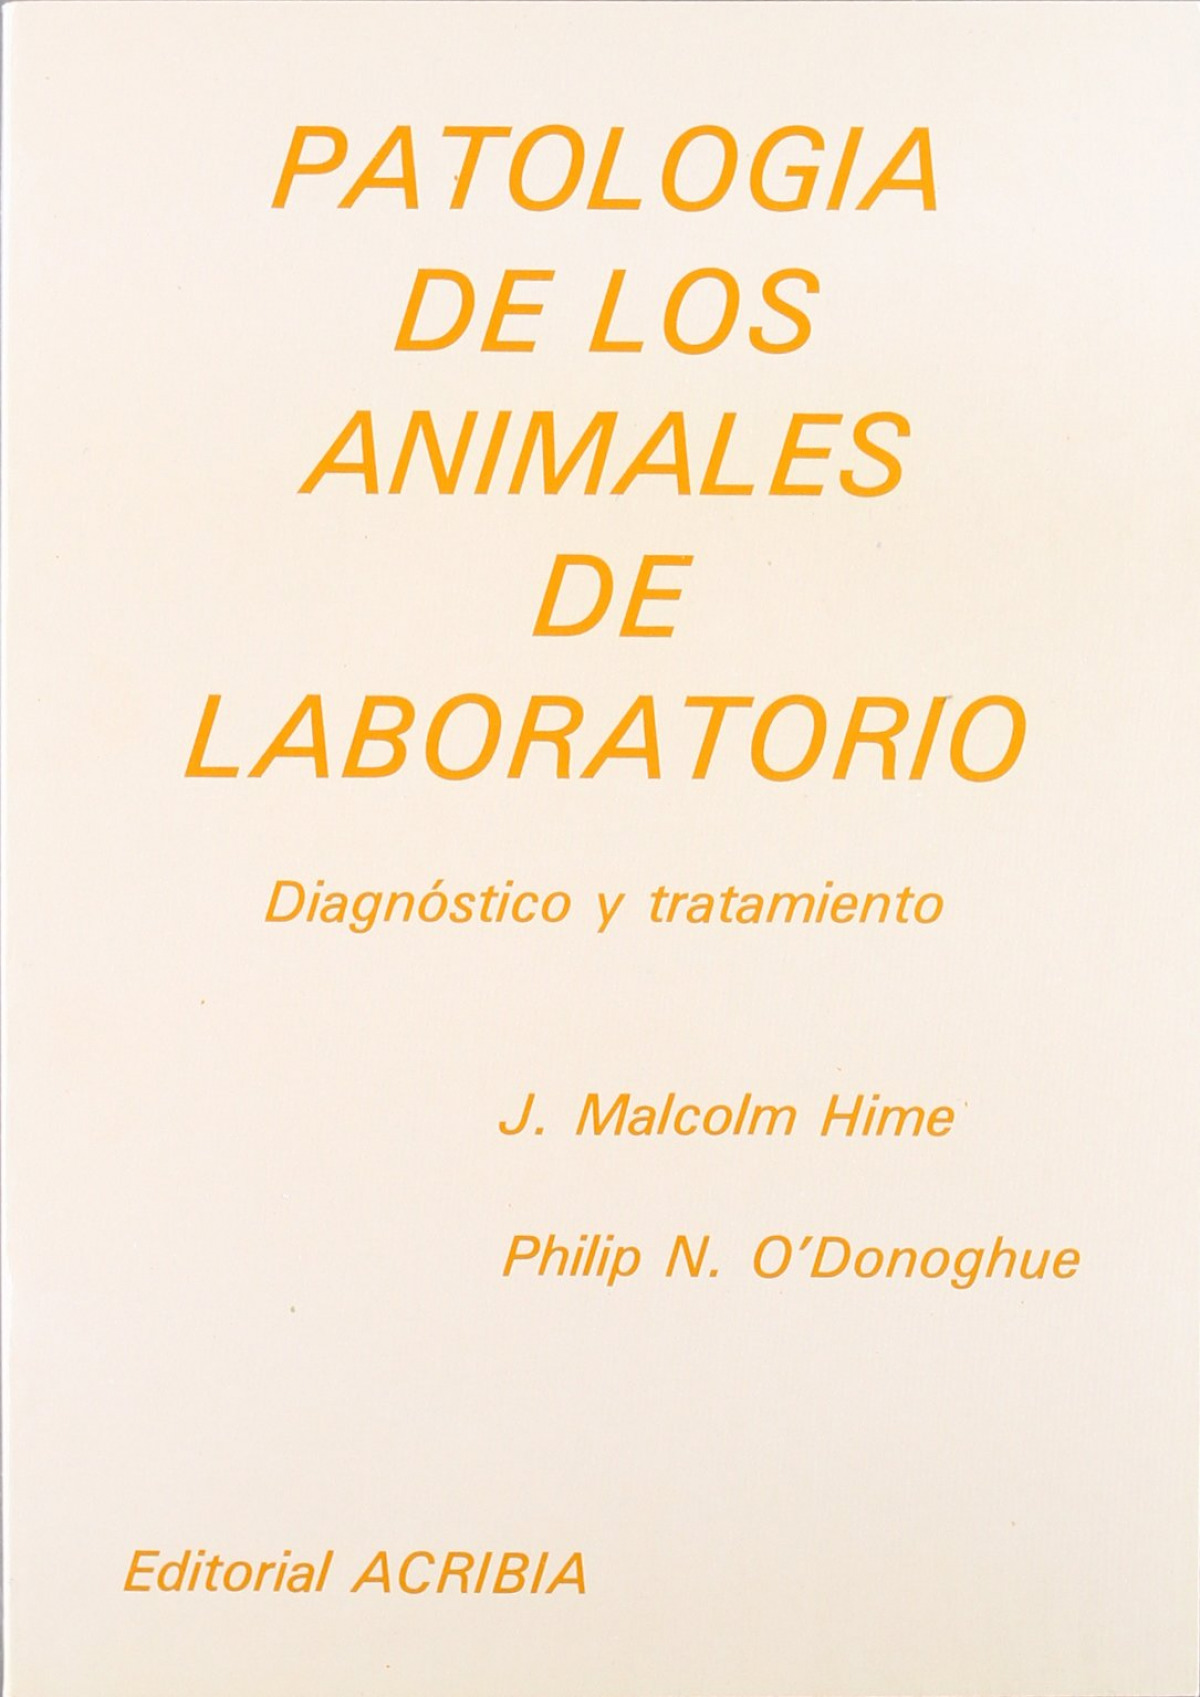 PATOLOGÍA DE LOS ANIMALES DE LABORATORIO. DIAGNÓSTICO/TRATAMIENTO